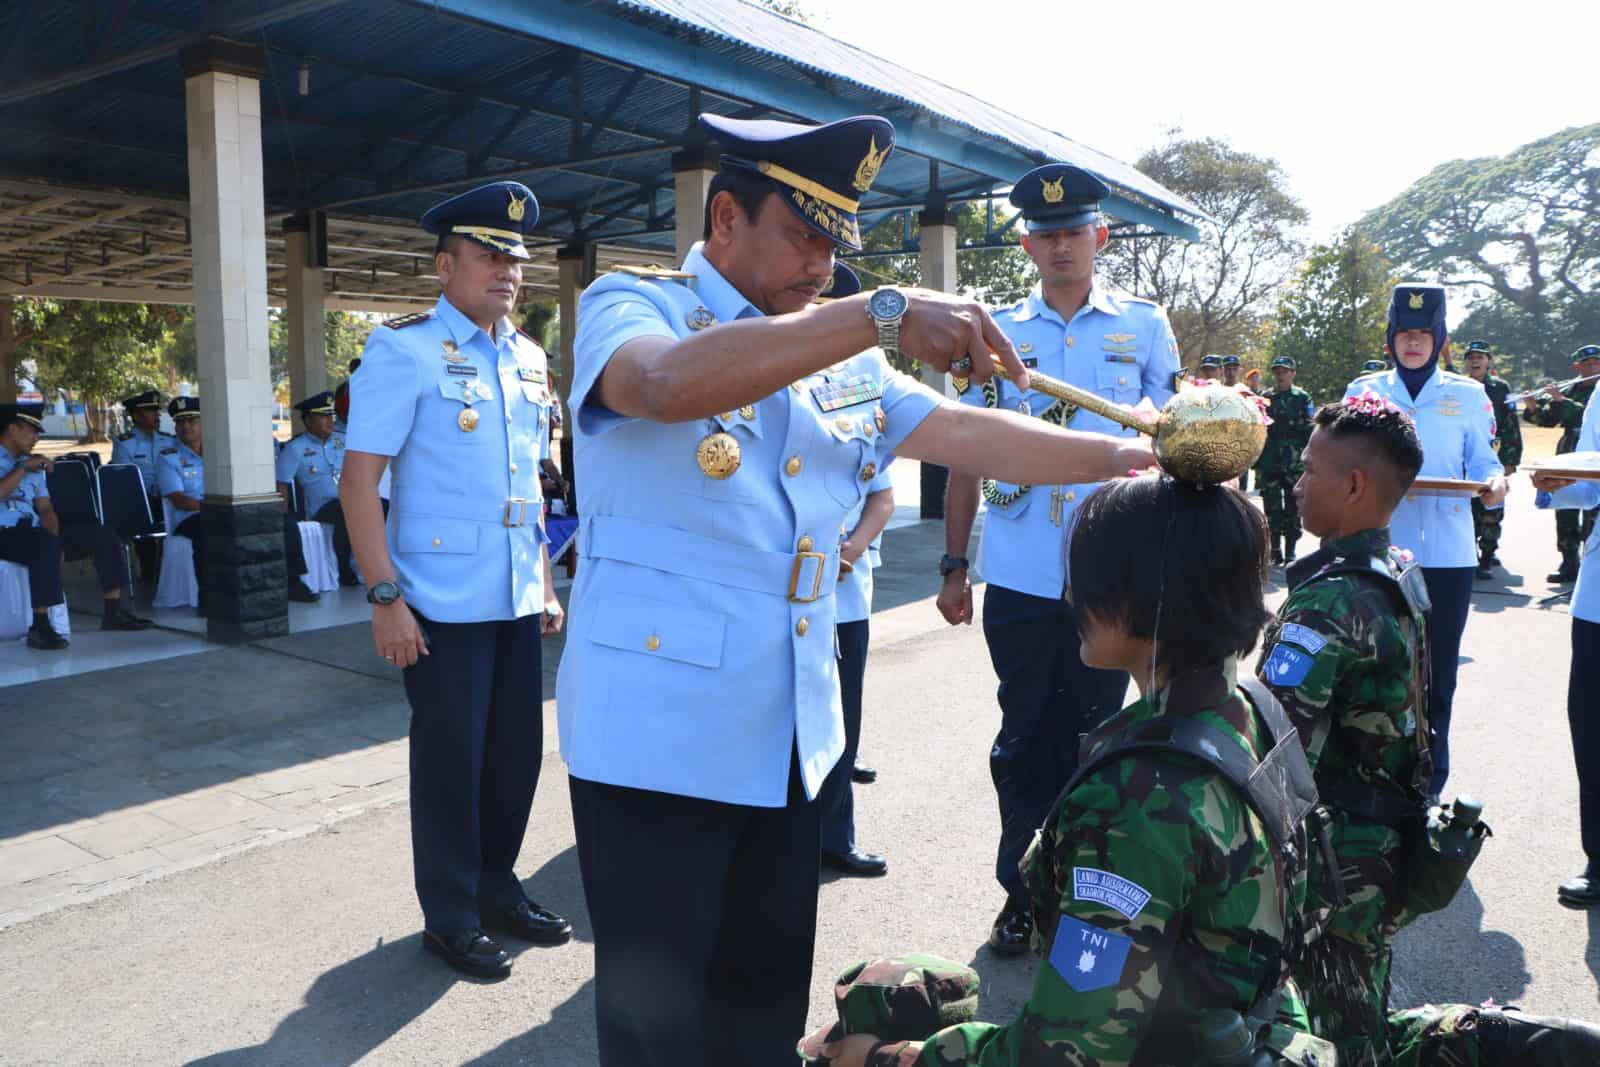 Pendaftaran Bintara TNI AU 2020 untuk lulusan SMA/SMK se-derajat masih dibuka sampai 30 Juni 2020! - MyRobin